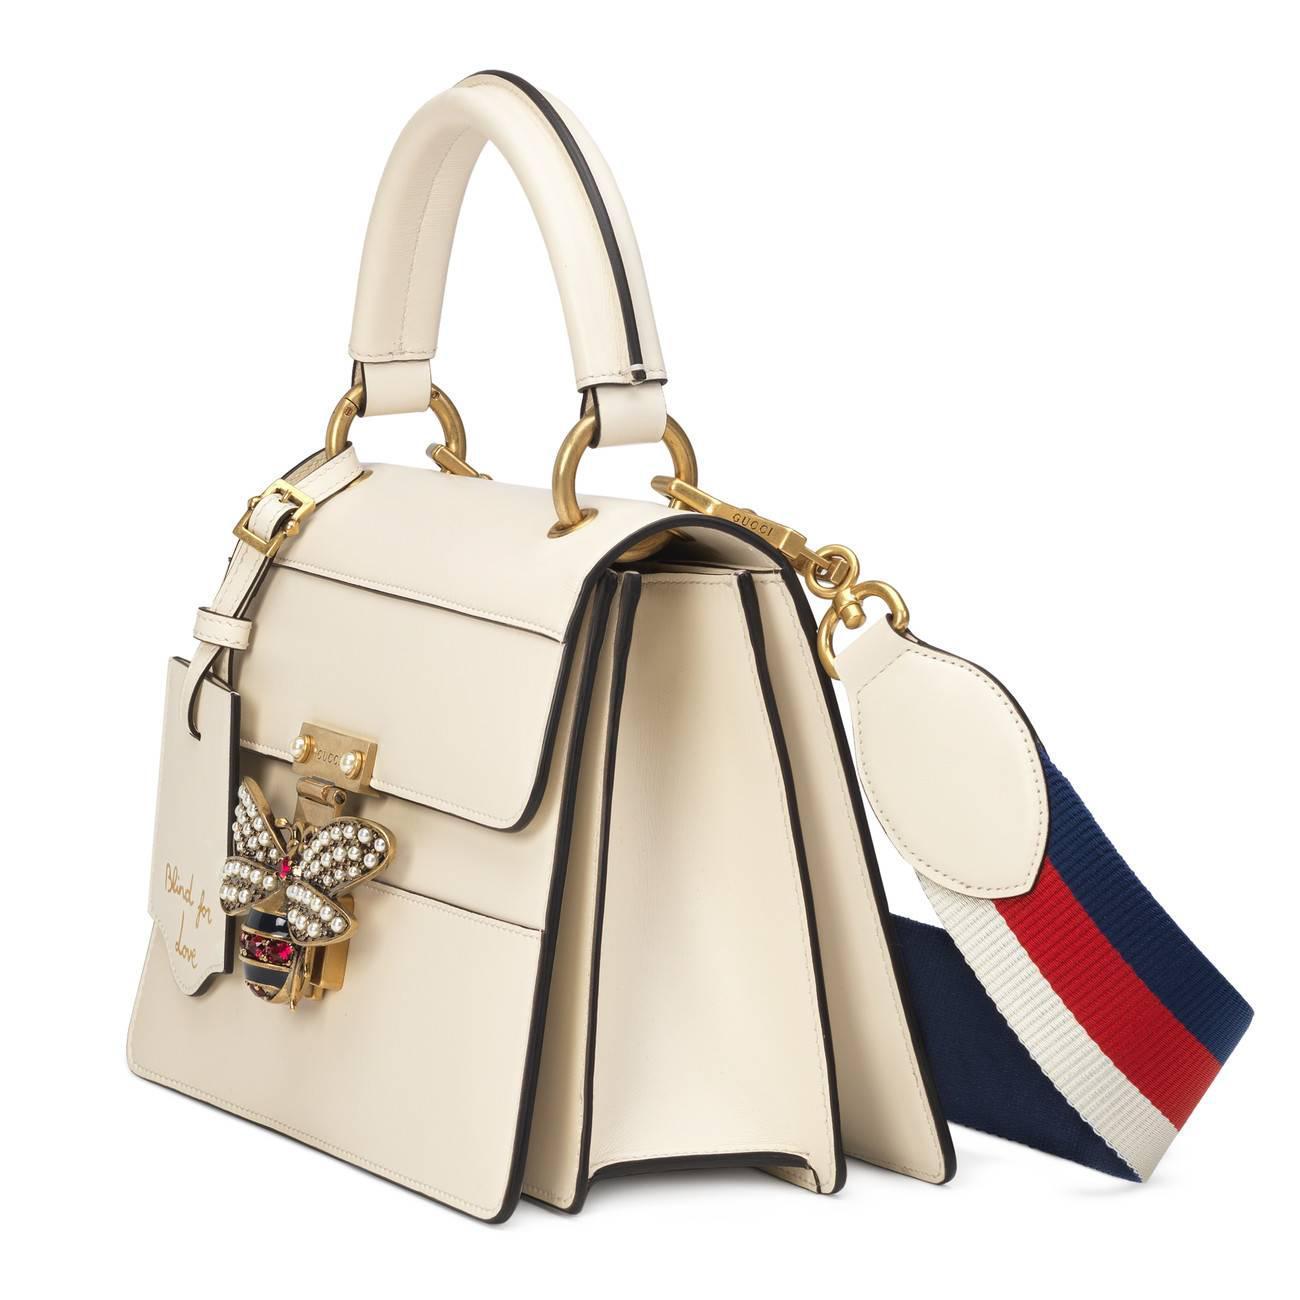 5a4ed4b2a Gucci - Multicolor Queen Margaret Small Top Handle Bag - Lyst. View  fullscreen